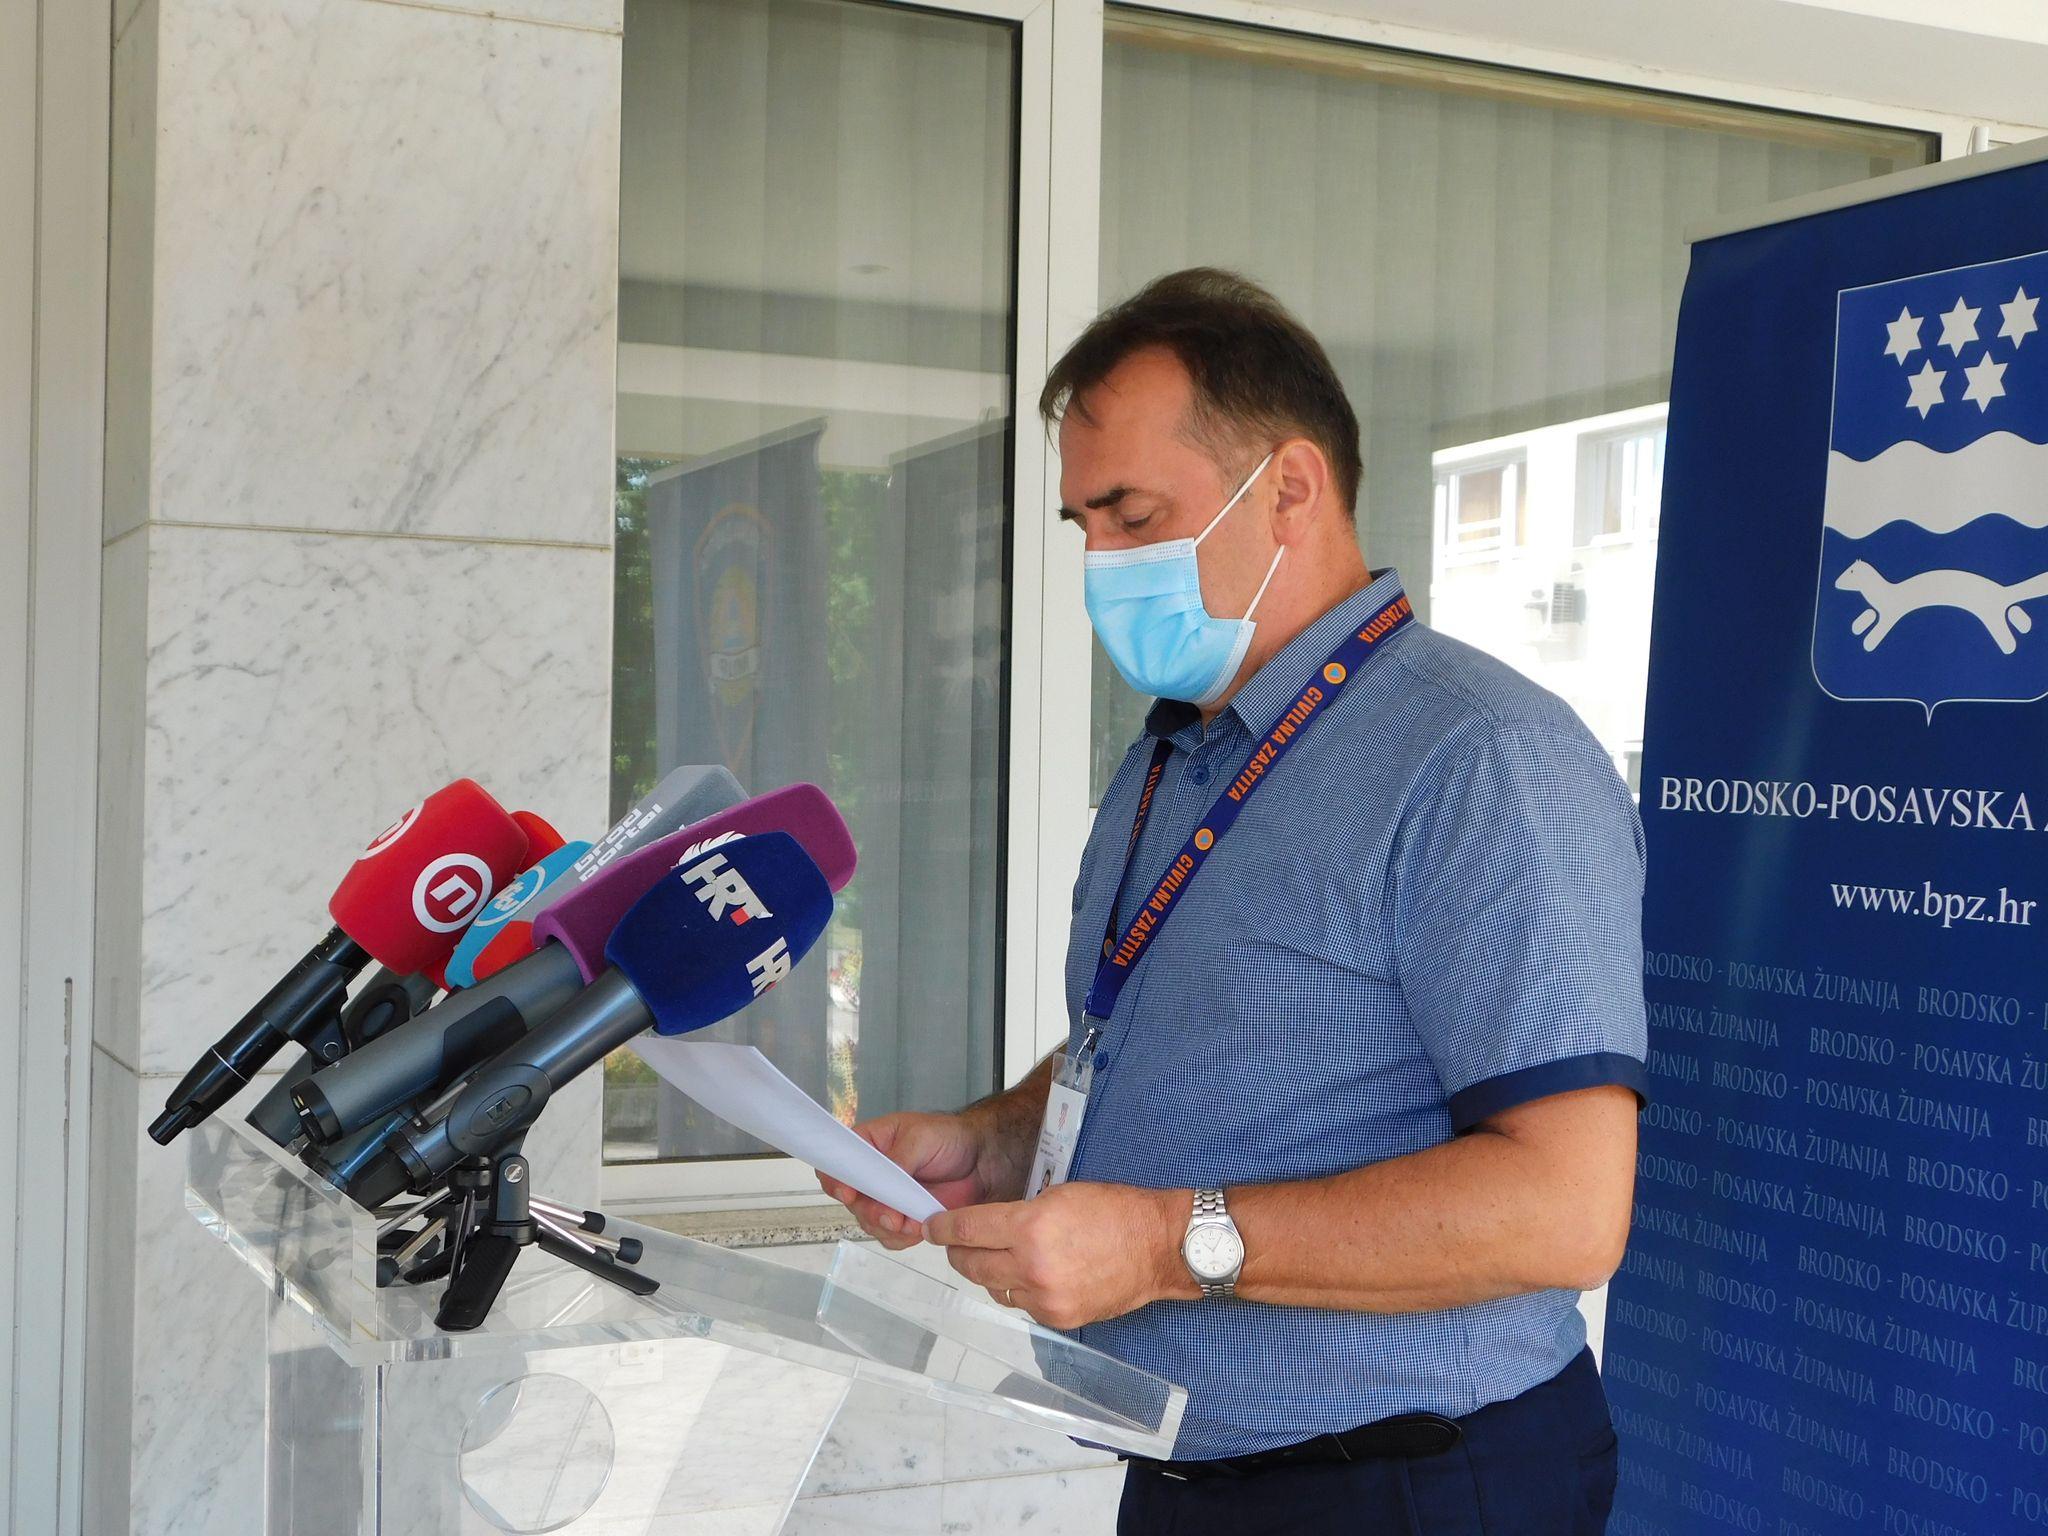 U Brodsko-posavskoj županiji danas 8 novih slučajeva zaraze koronavirusom